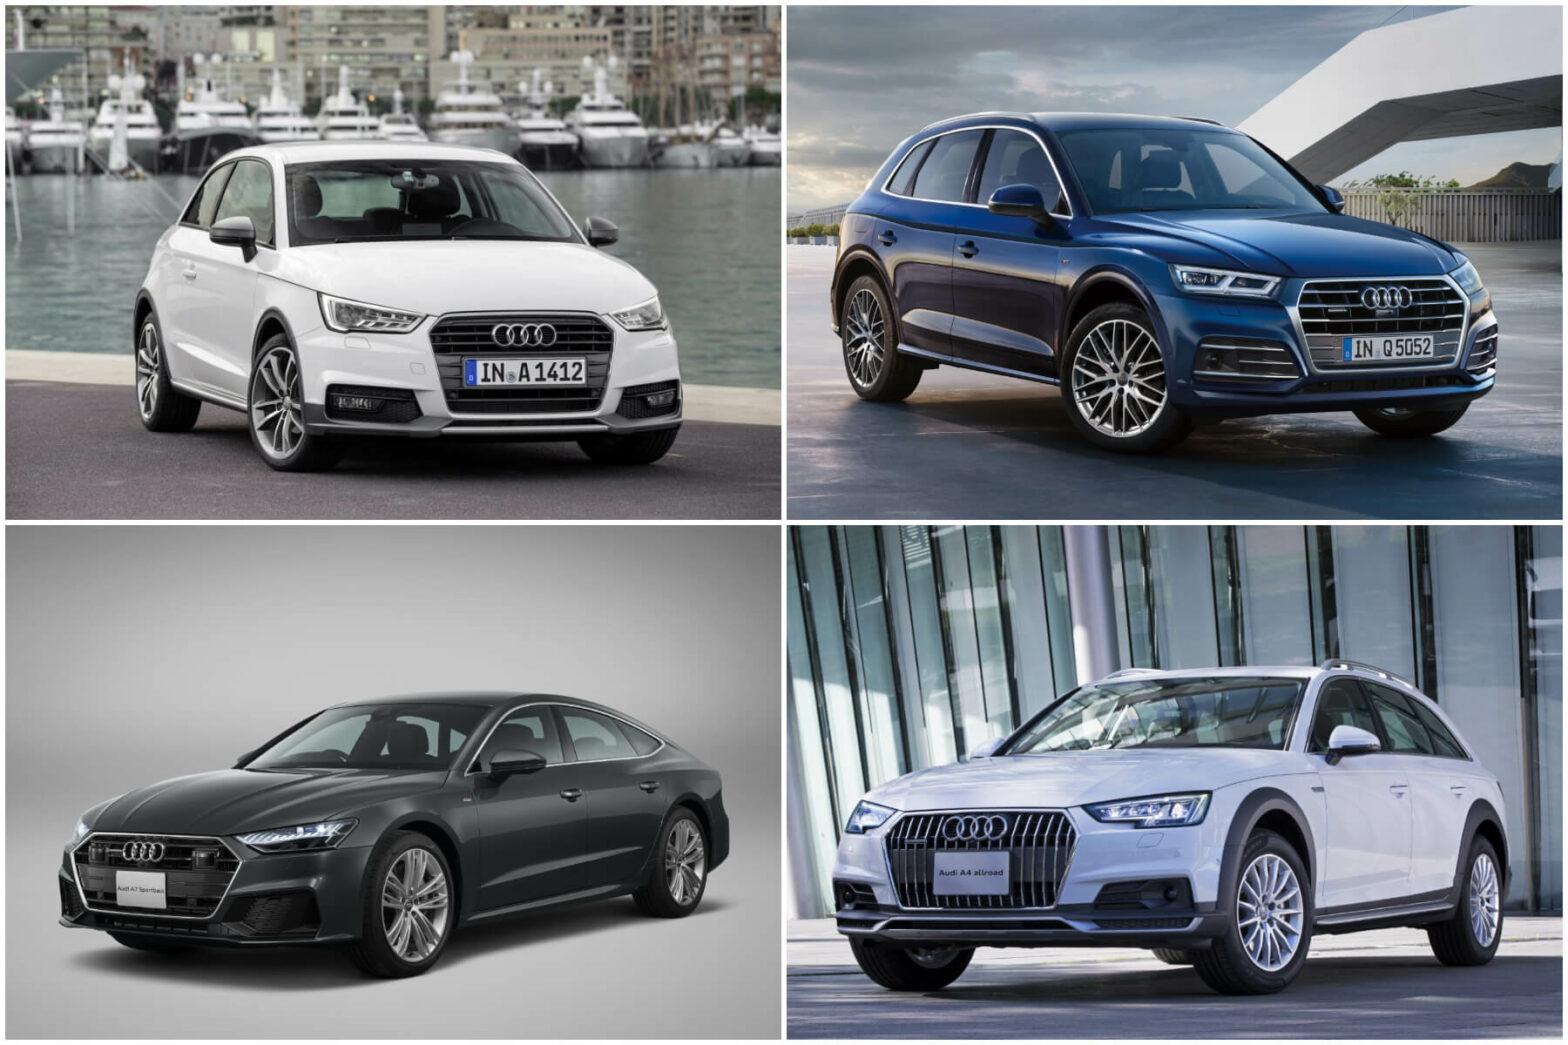 【アウディ】新車で買える現行車種一覧 2020年最新情報